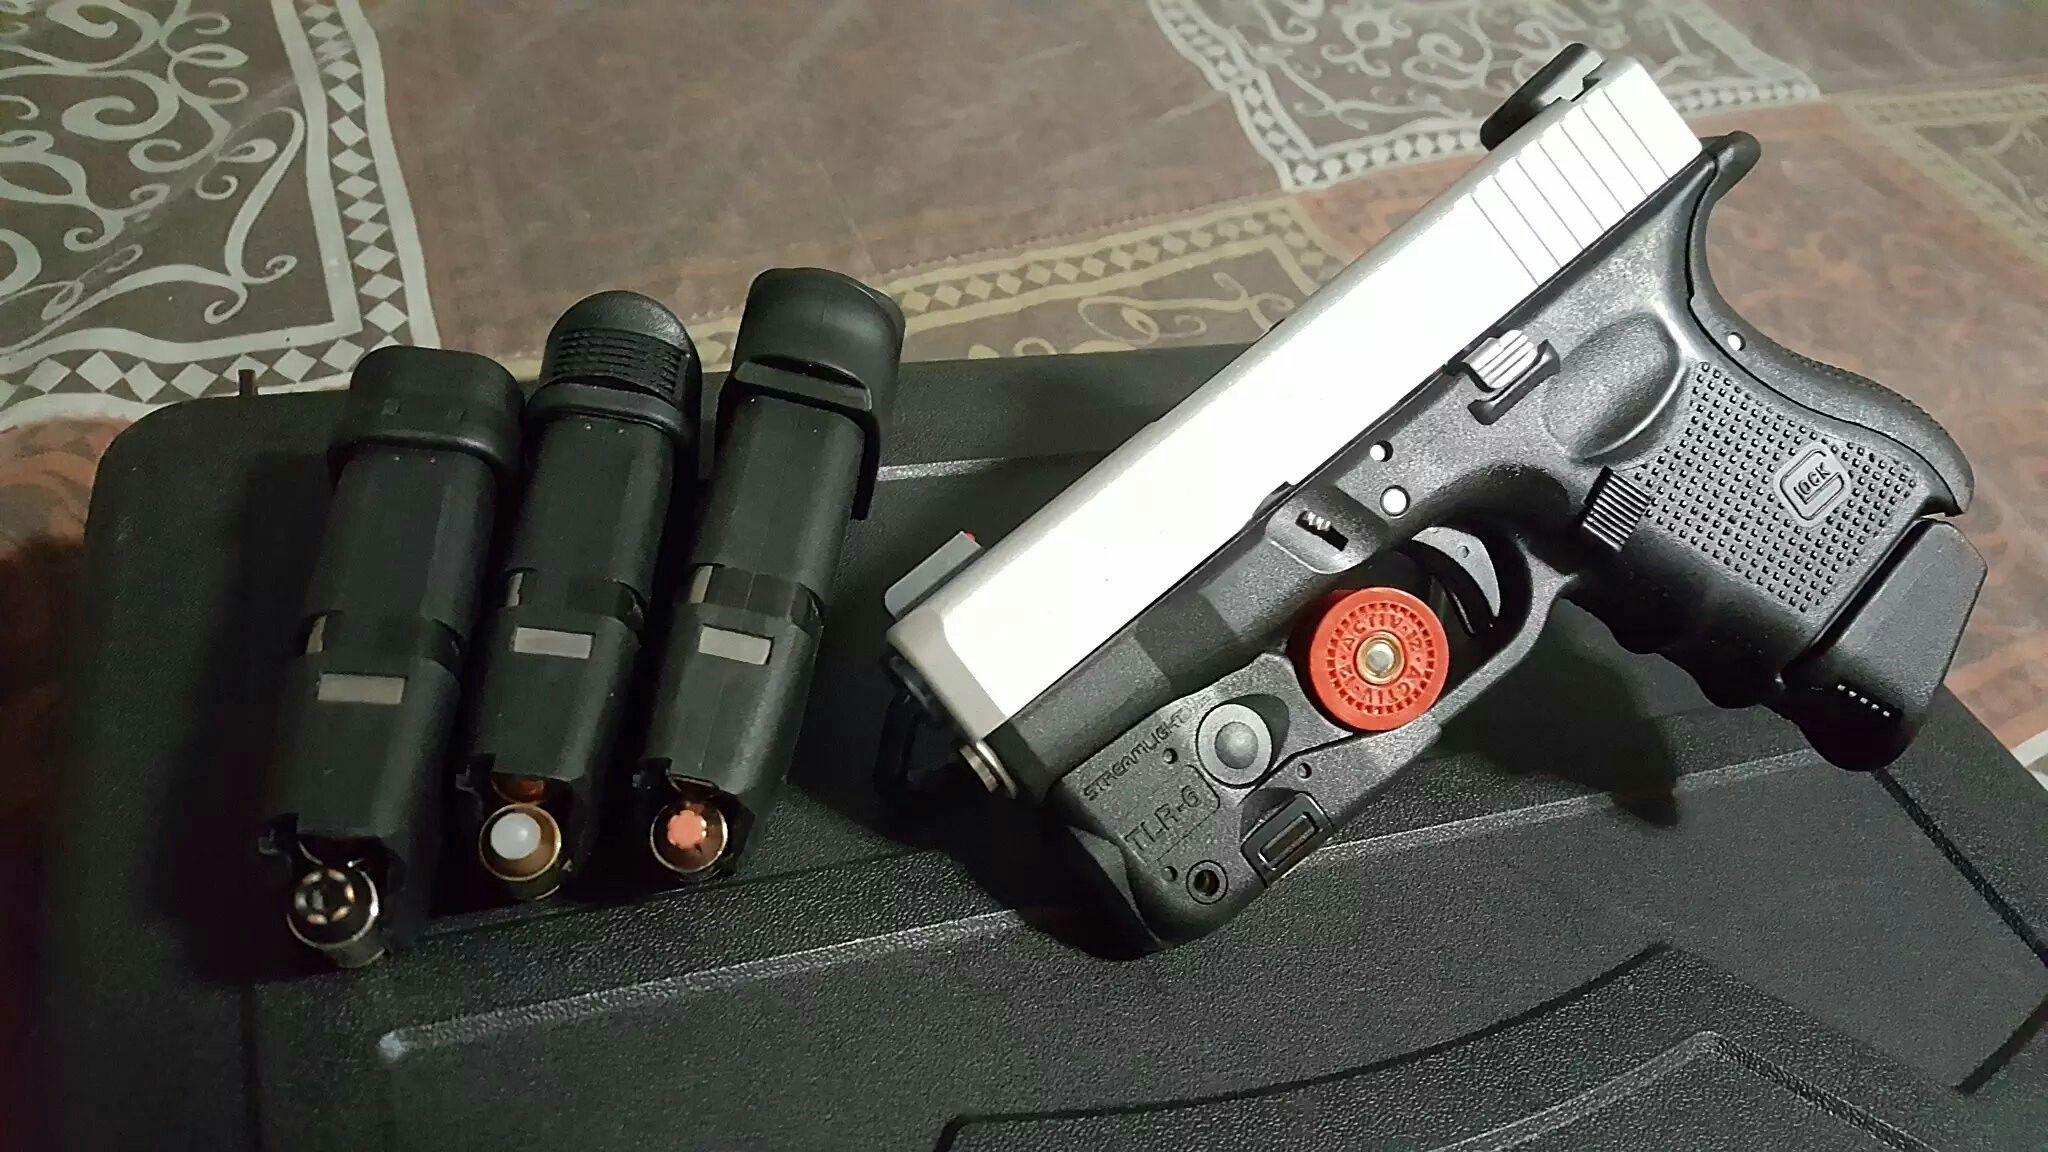 Glock 27 Gen 4 Streamlight TLR-6 Cerakote Satin Aluminum | Guns and